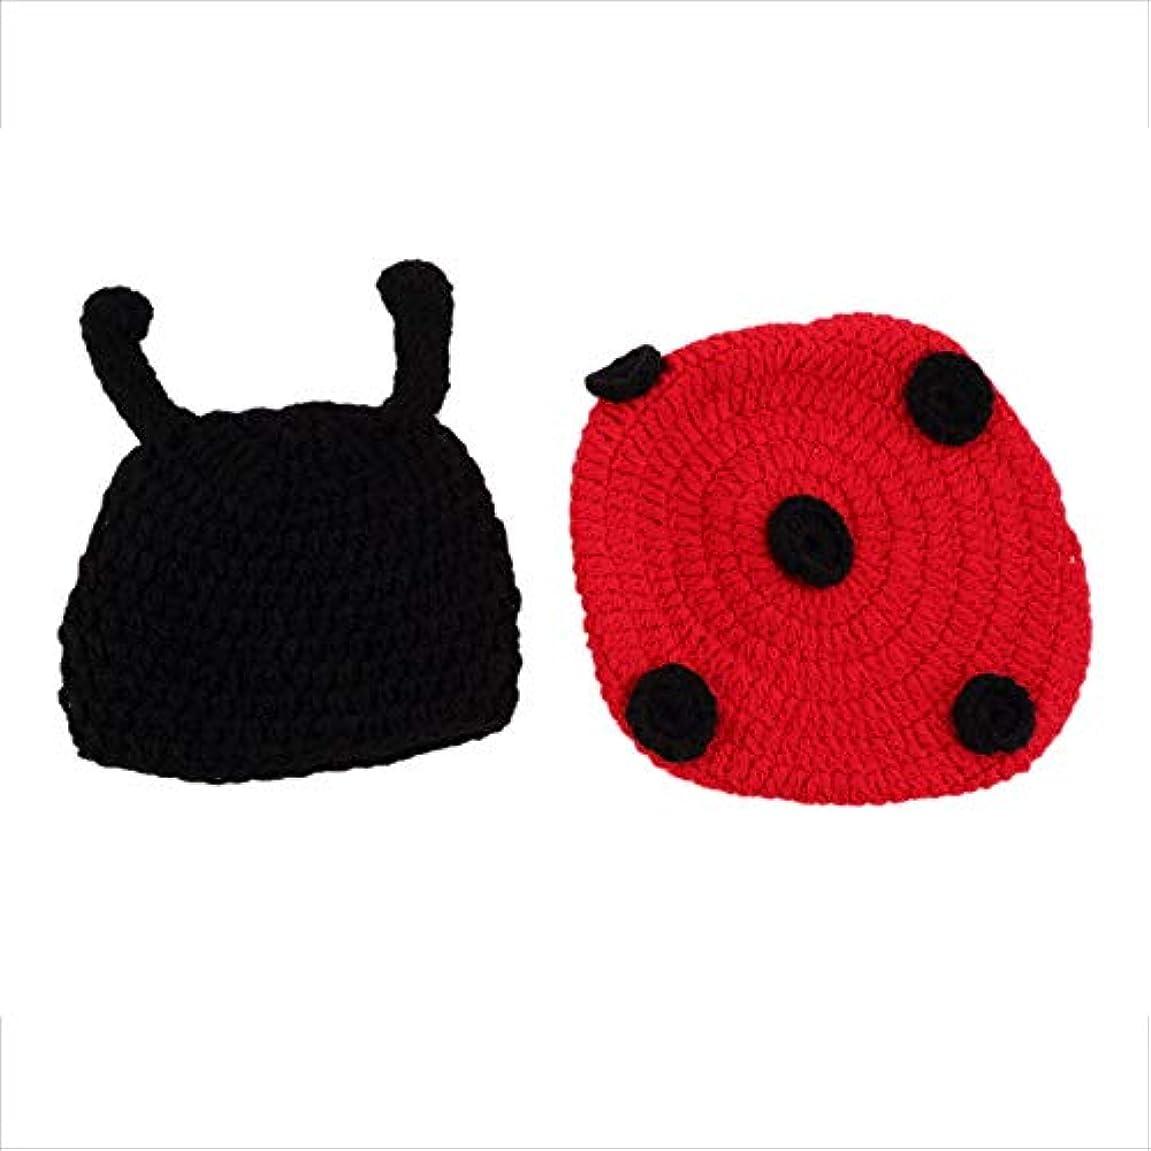 何故なの褐色並外れてドロップ無料新生児かぎ針編みニット写真写真プロップコスチューム帽子ビーニー衣装新しい到着 - ブラック&レッド - 1サイズ